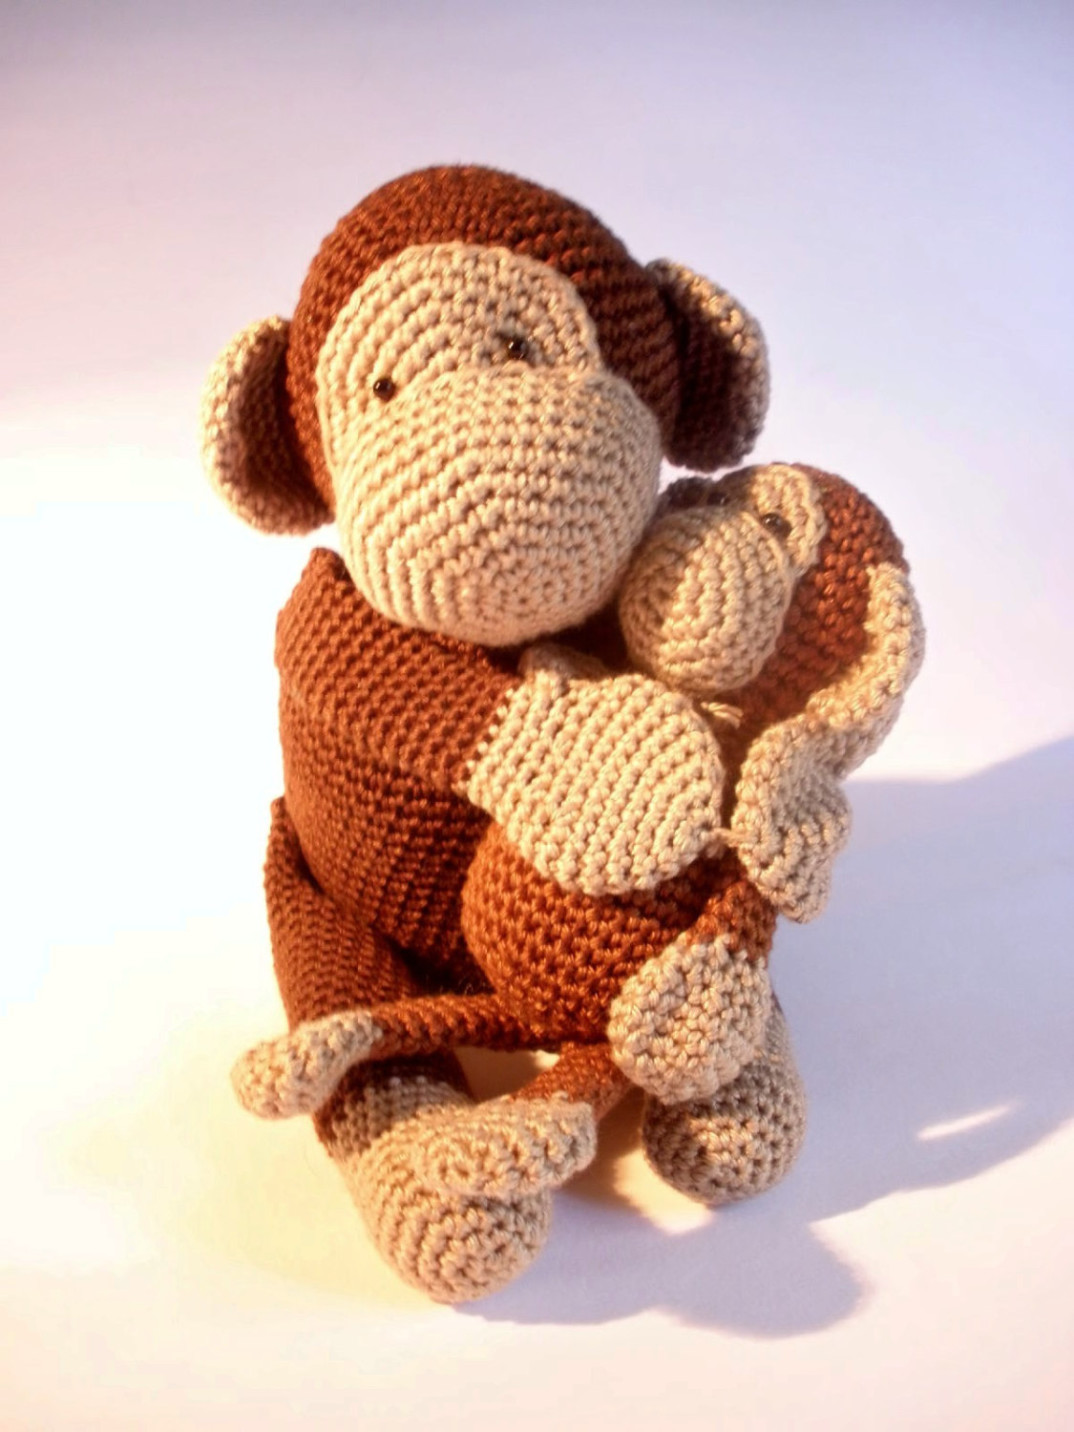 Giocattoli decorazioni uncinetto crochet pupazzi 02 keblog - Decorazioni uncinetto ...